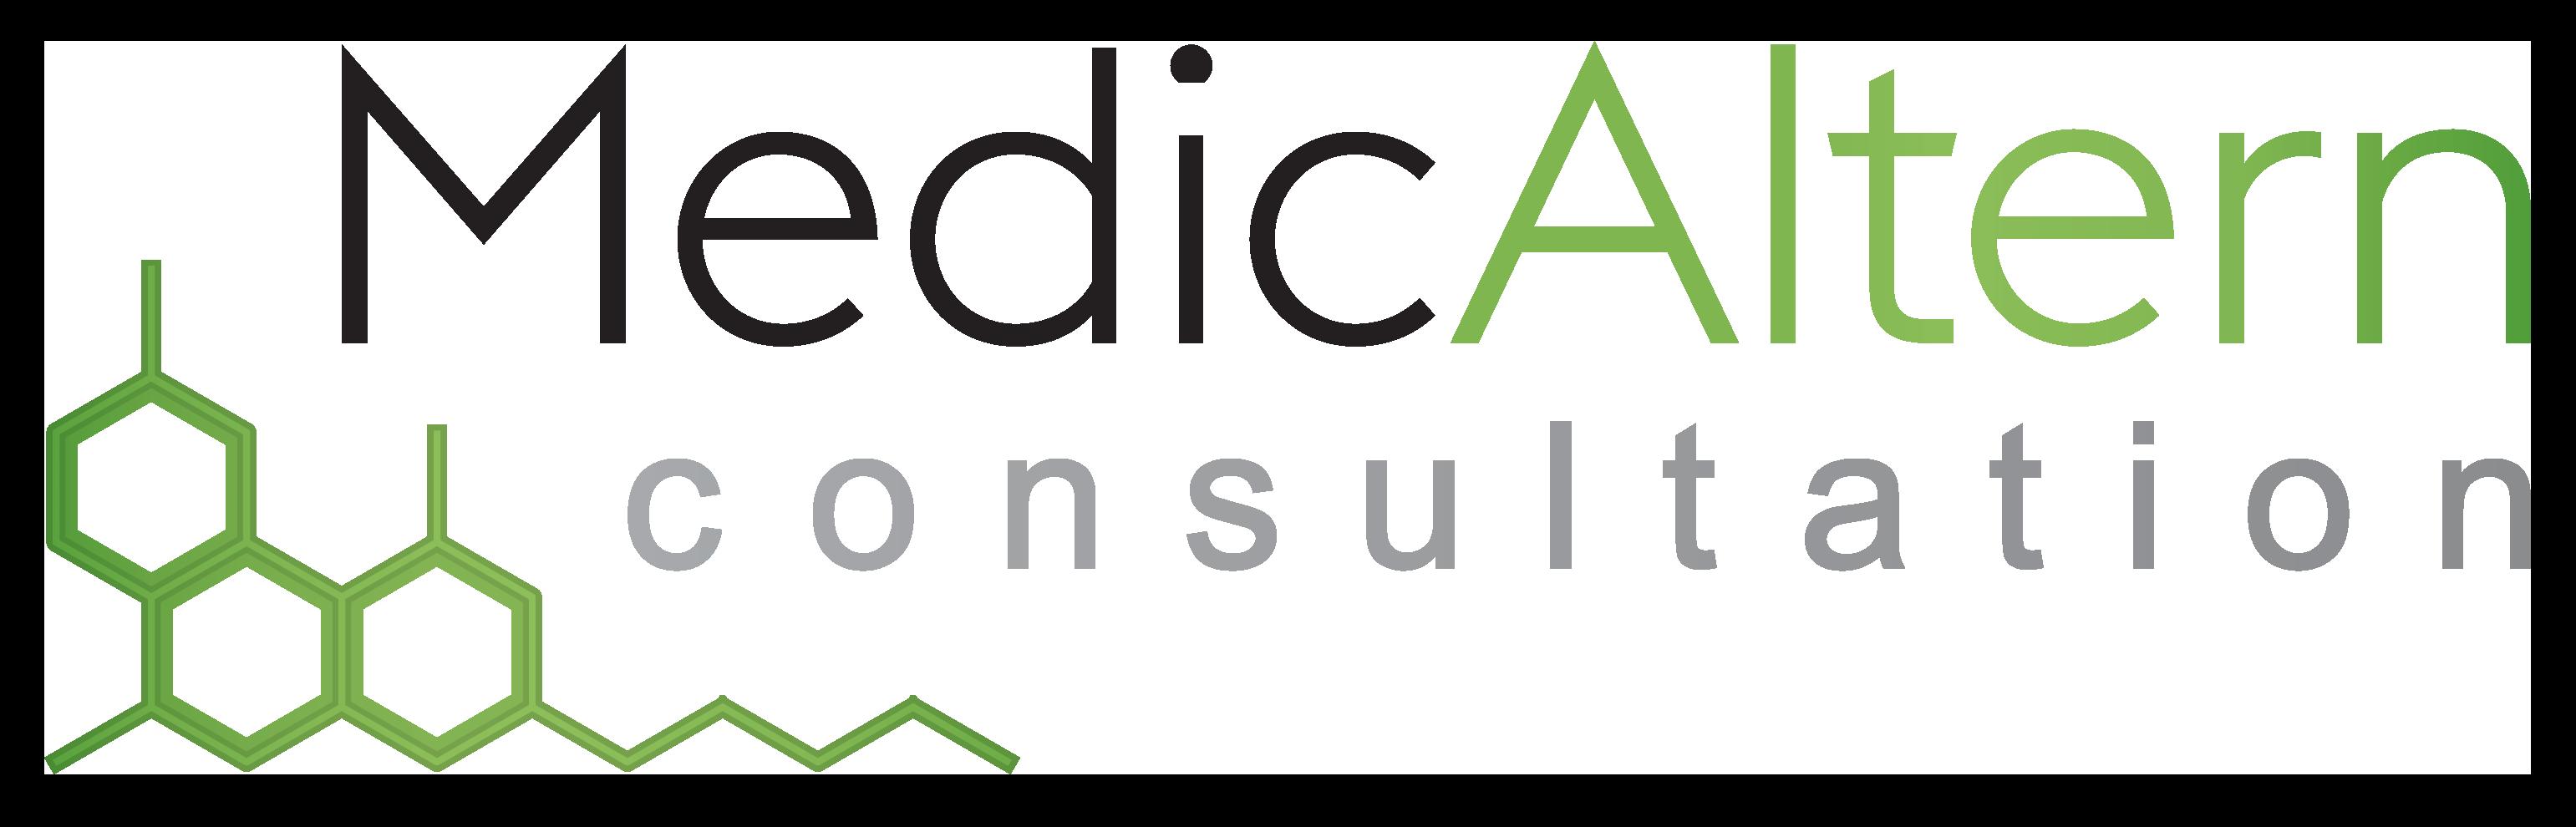 MedicAltern Consultation Logo